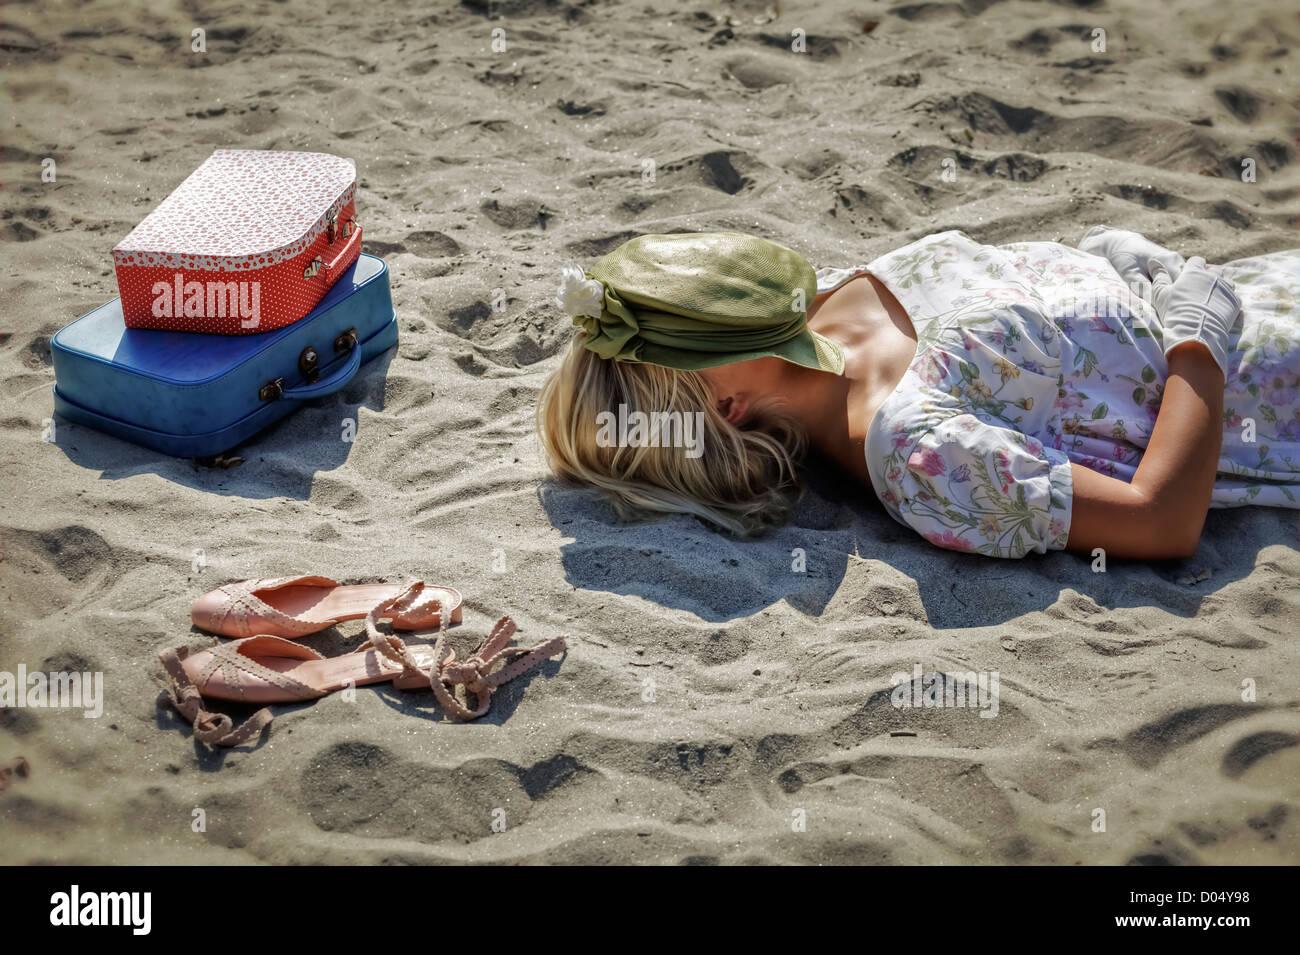 eine Frau in einem geblümten Kleid liegt an einem Strand neben Schuhen und zwei Vintage Koffer Stockbild